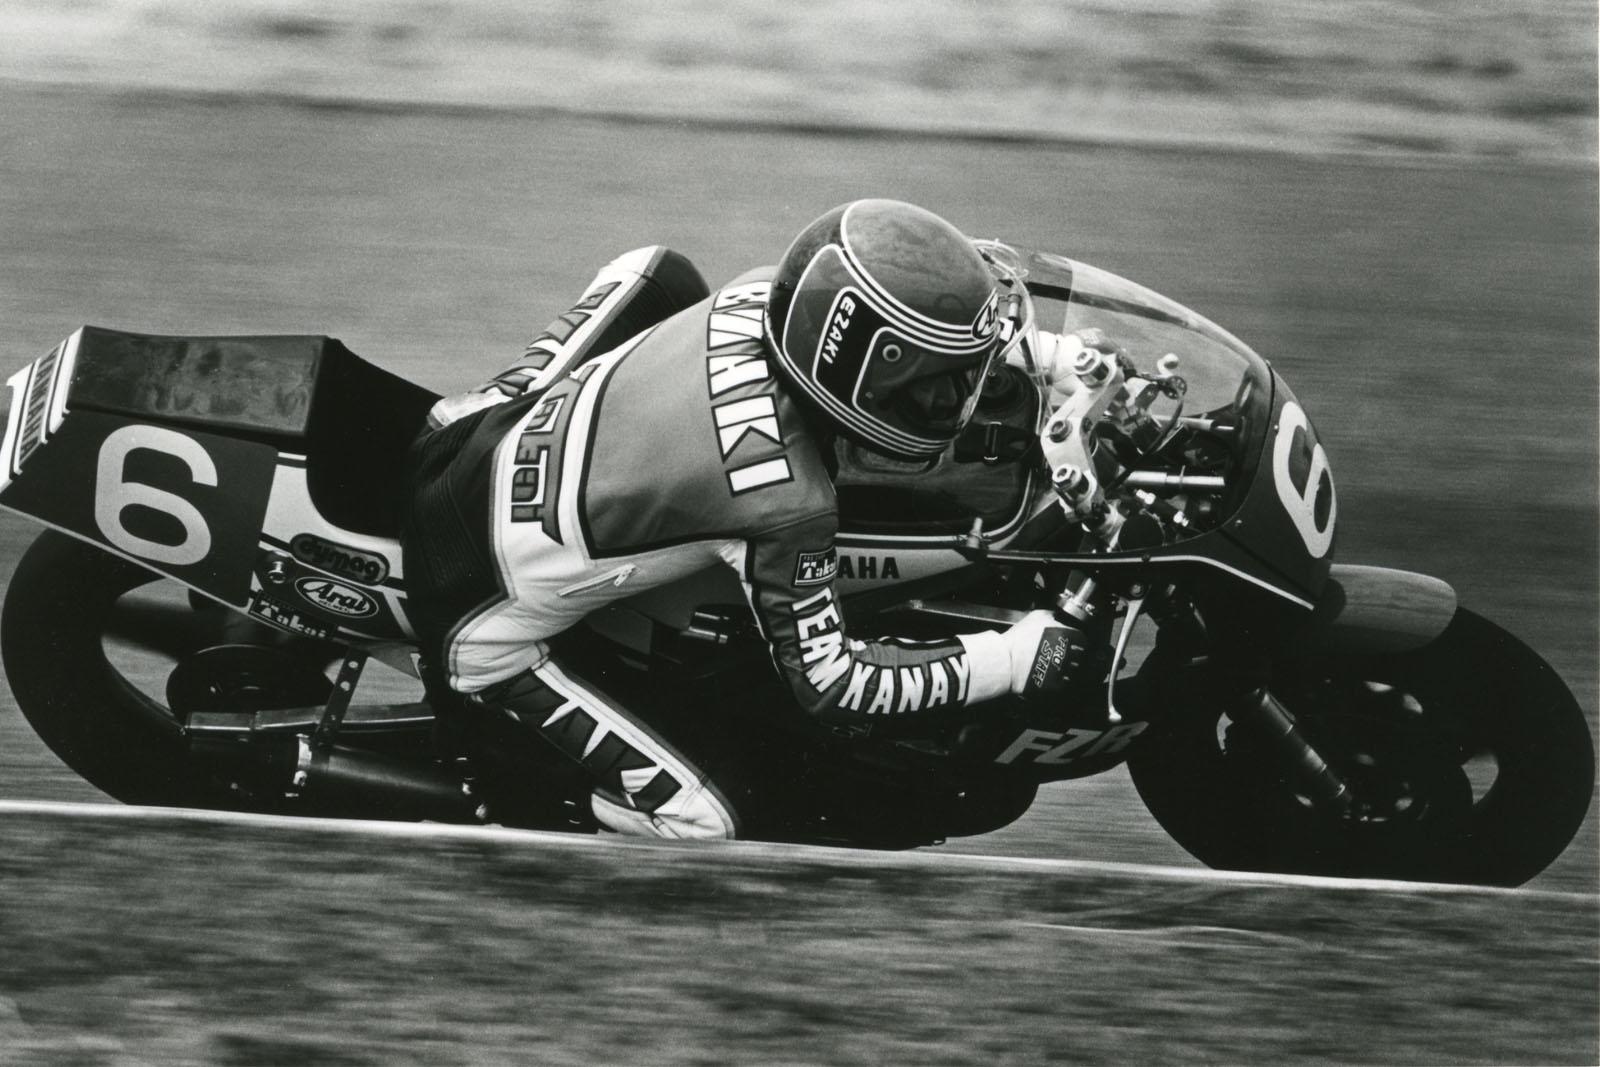 1984_EZAKI